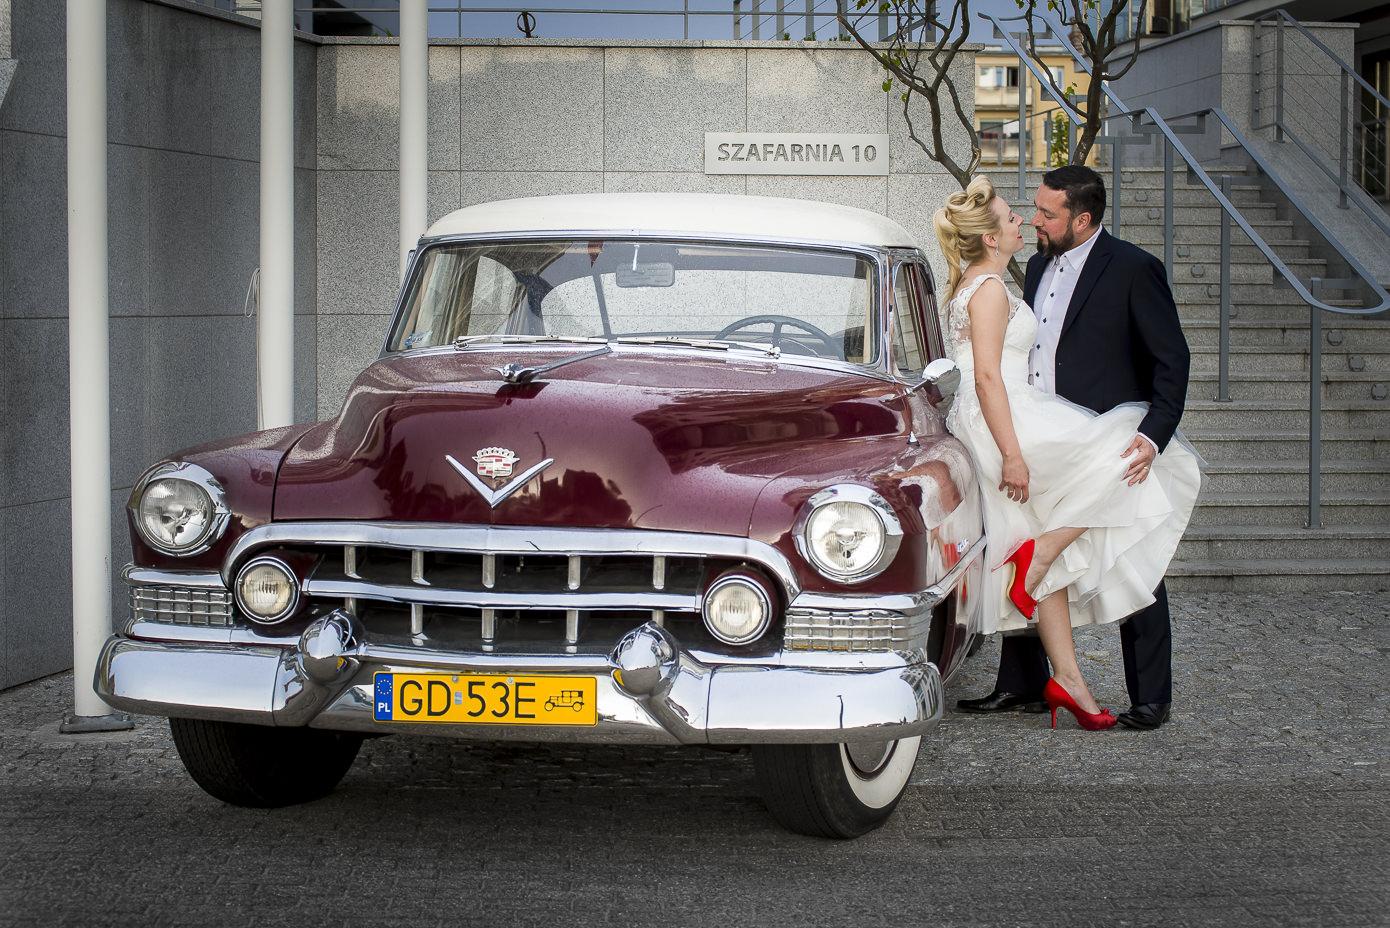 sesja ślubna w stylu pin-up fotograf-weselny-Pruszcz-Gdański-fotografia-ślubna-Pruszcz-Gdański-sesja-ślubna-Pruszcz-Gdański-